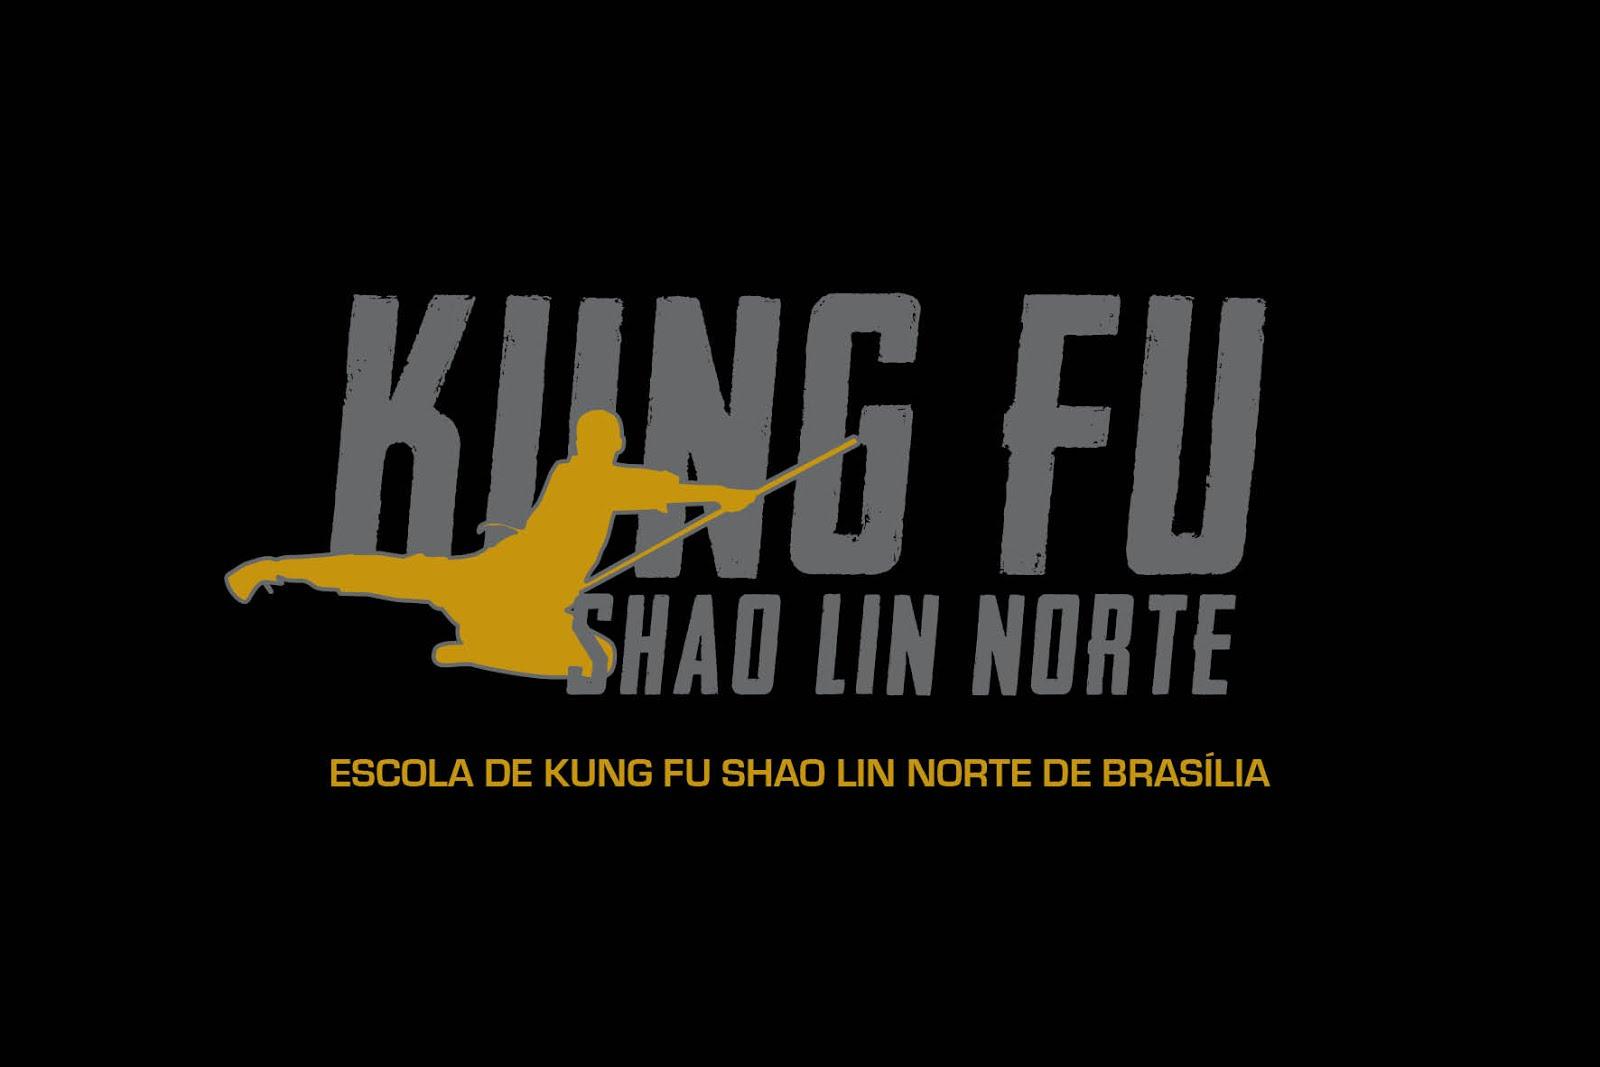 ESCOLA DE KUNG FU SHAO LIN NORTE DE BRASÍLIA